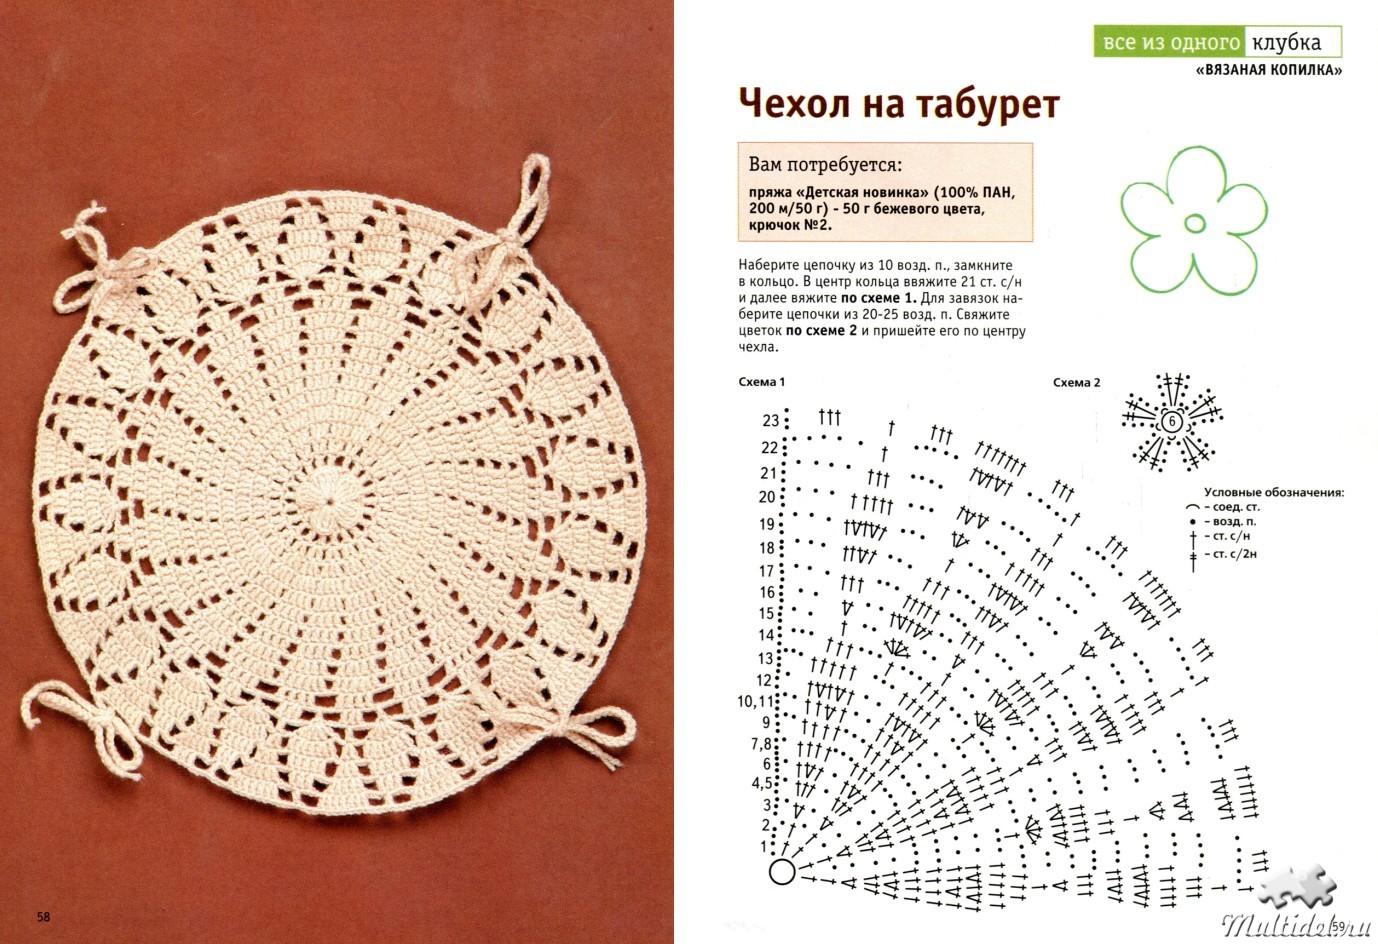 Вязание крючком накидки для табурет